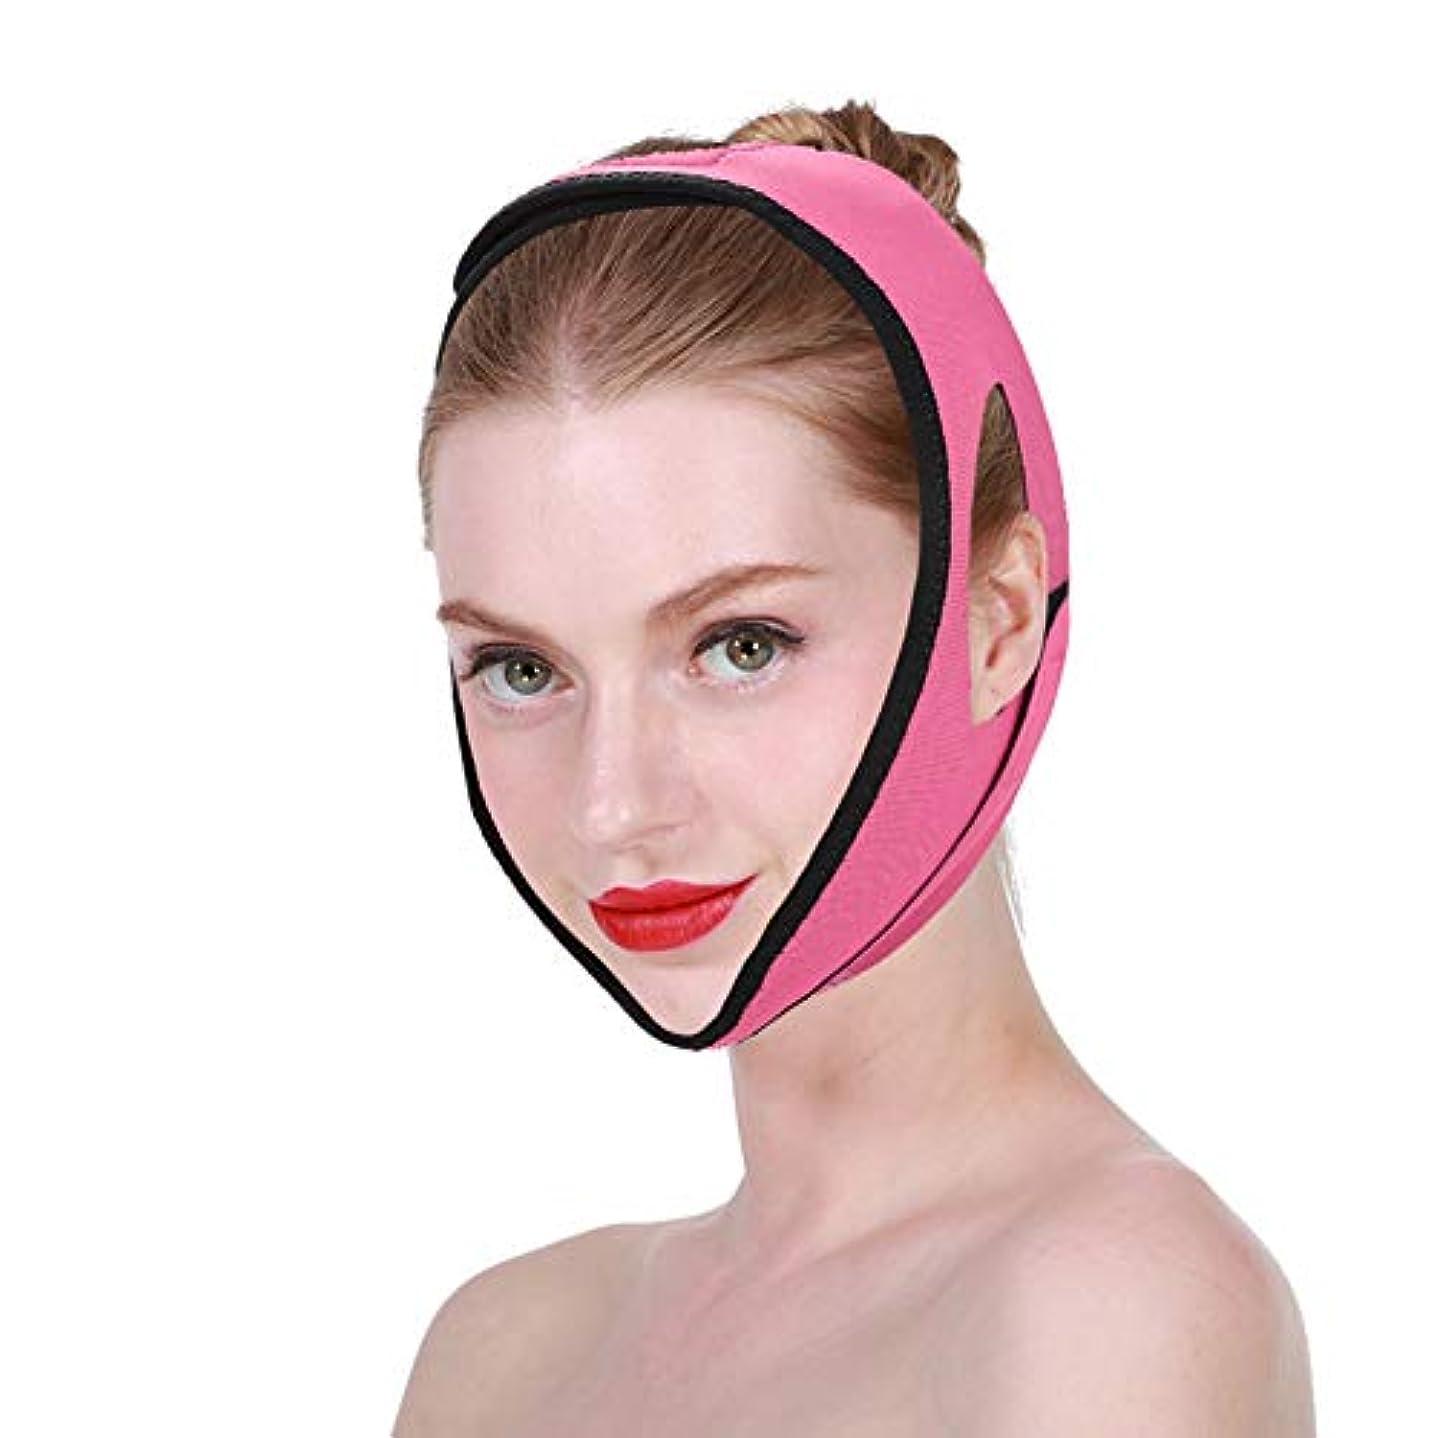 タックル検索エンジン最適化カバレッジフェイシャルスリミングマスク、フェイスベルト 顔の包帯スリミングダブルチンVラインとフェイシャルケアファーミングスキン超薄型 クラインベルト (Red)